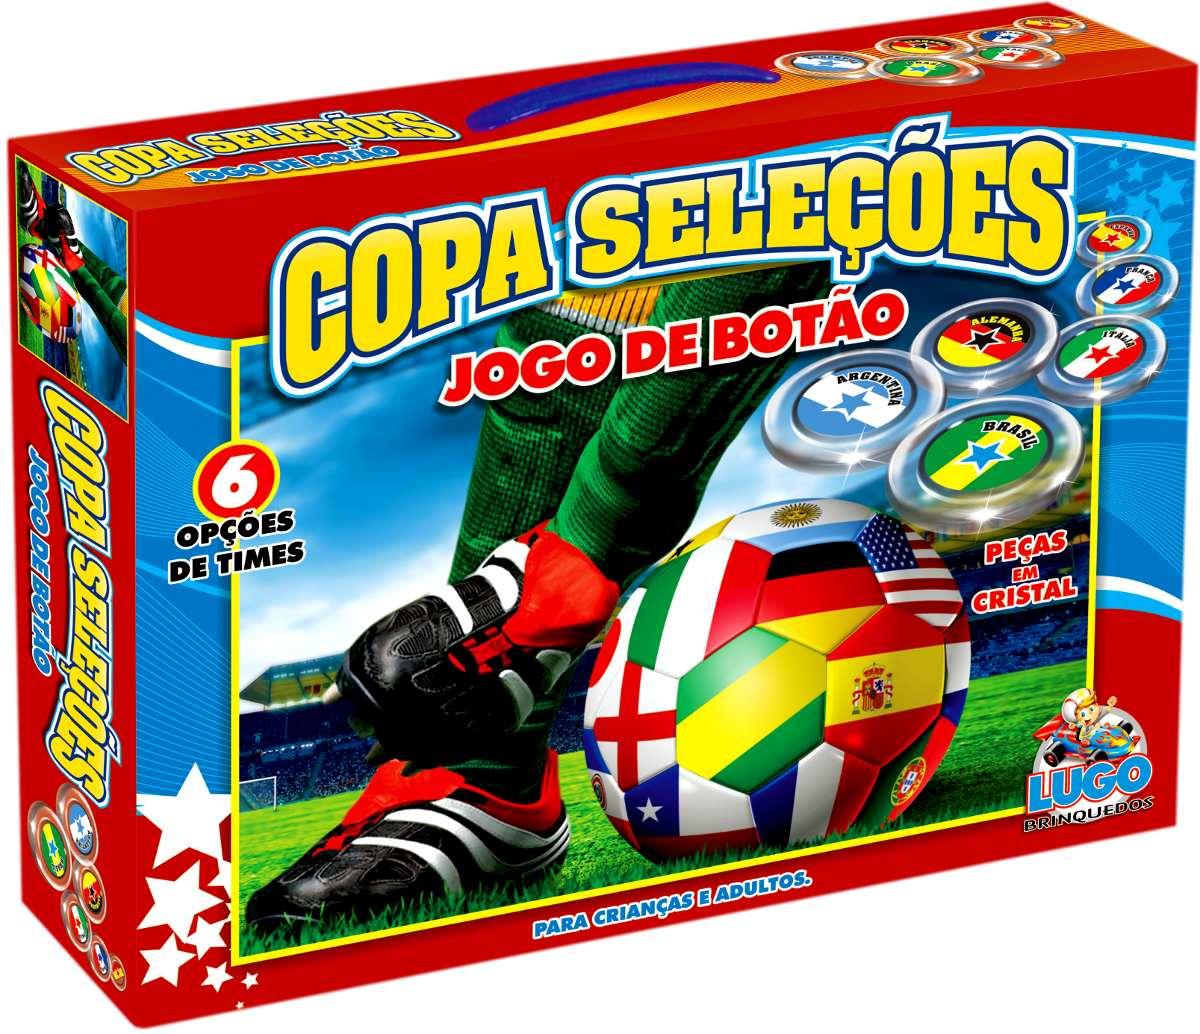 Jogo de Botão Copa Seleções - Lugo